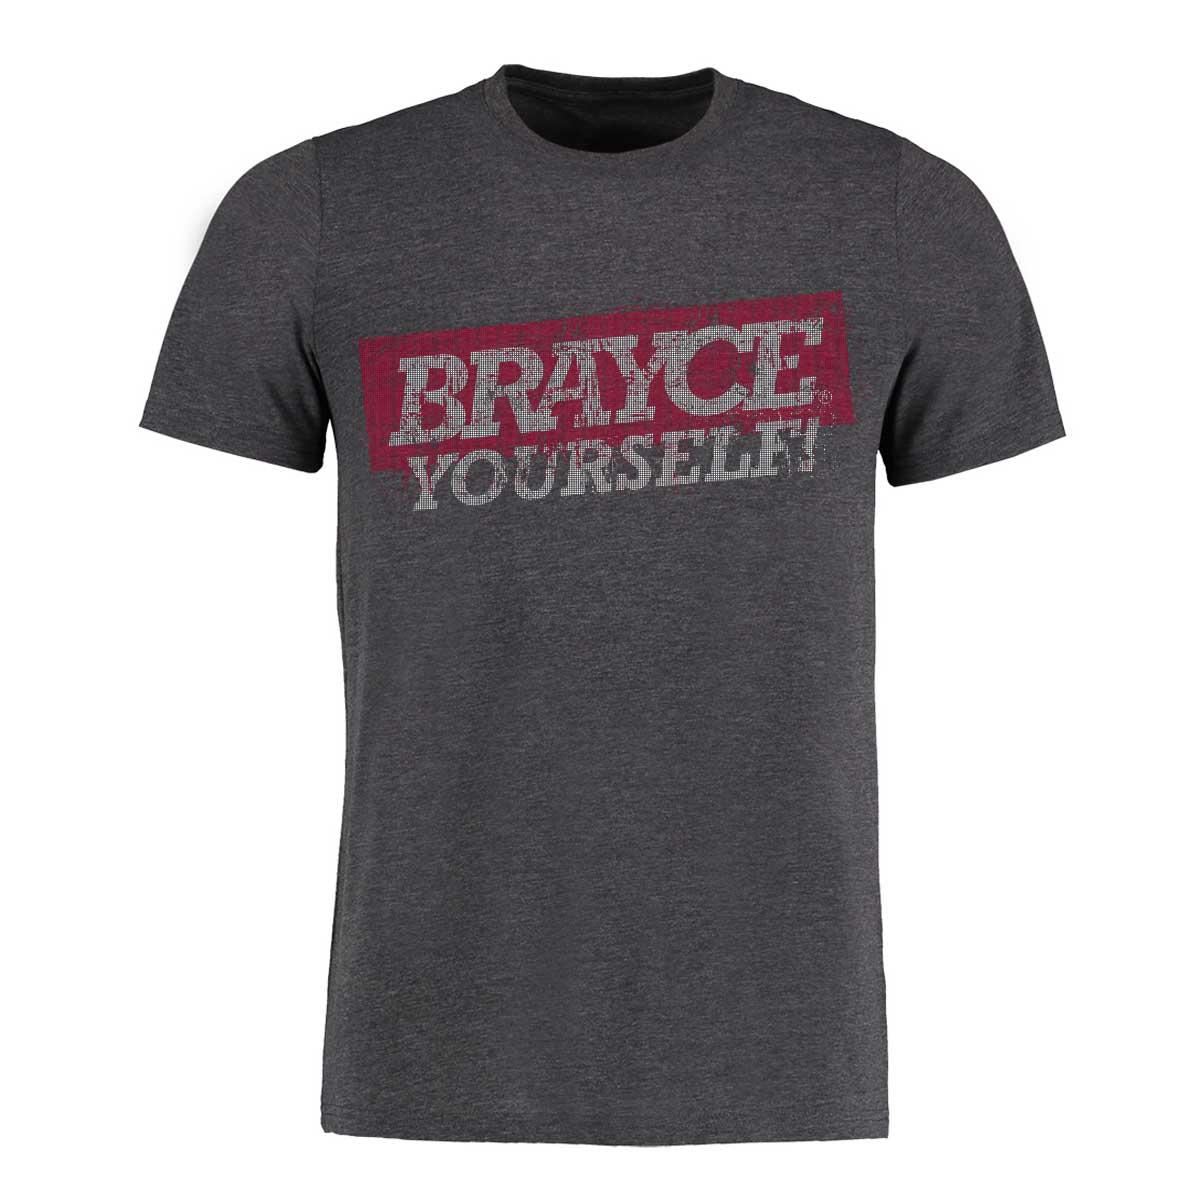 BRAYCE Logo T-Shirt BRAYCEyourself